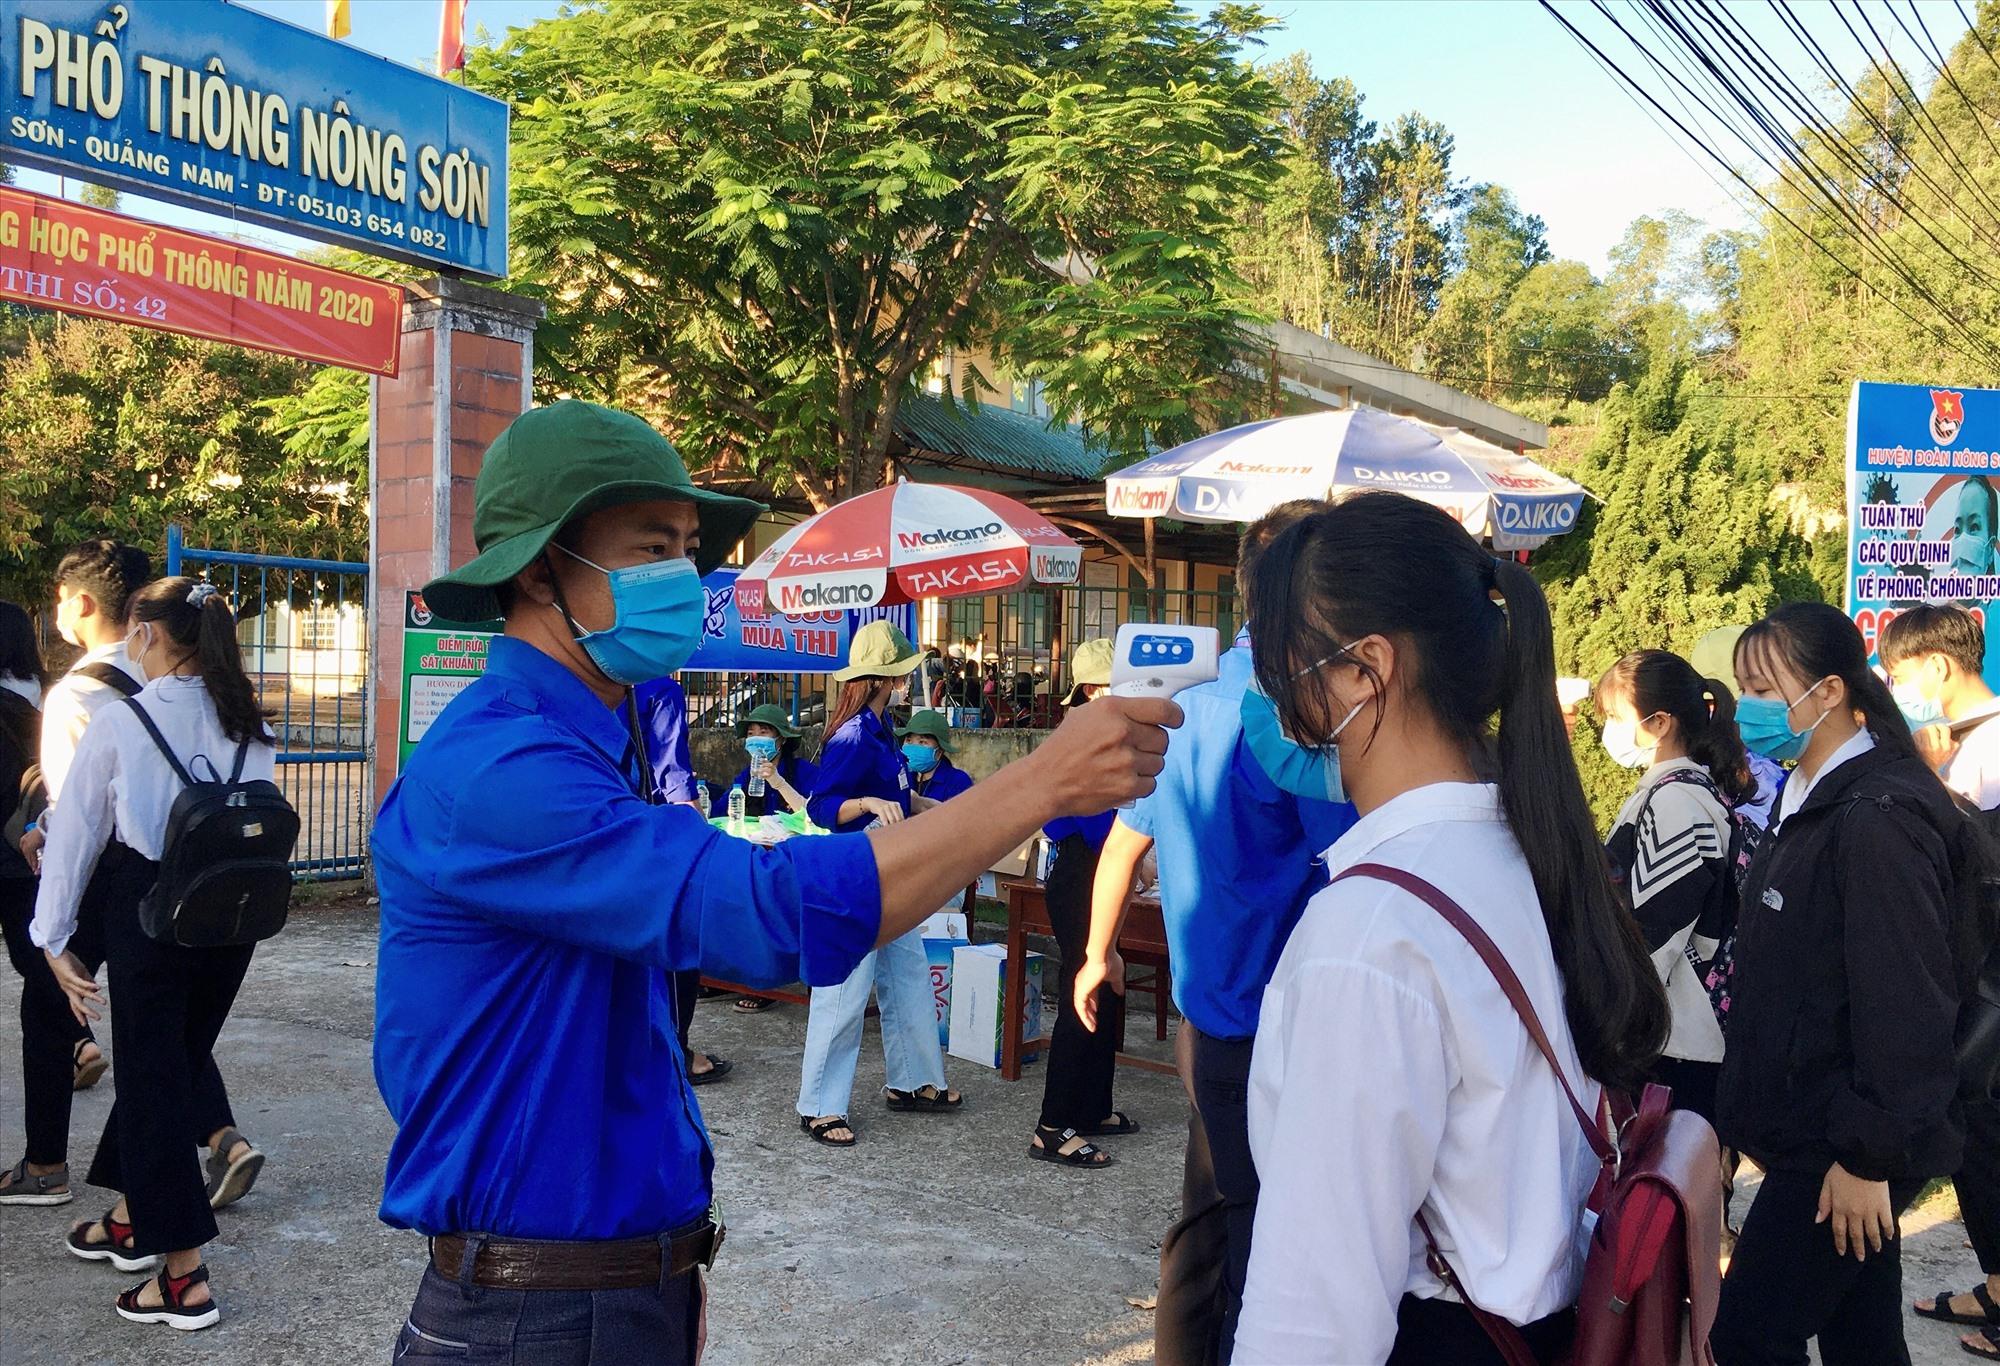 Các tình nguyện viên tiếp sức mùa thi đo thân nhiệt cho thí sinh trước khi bước vào điểm thi.